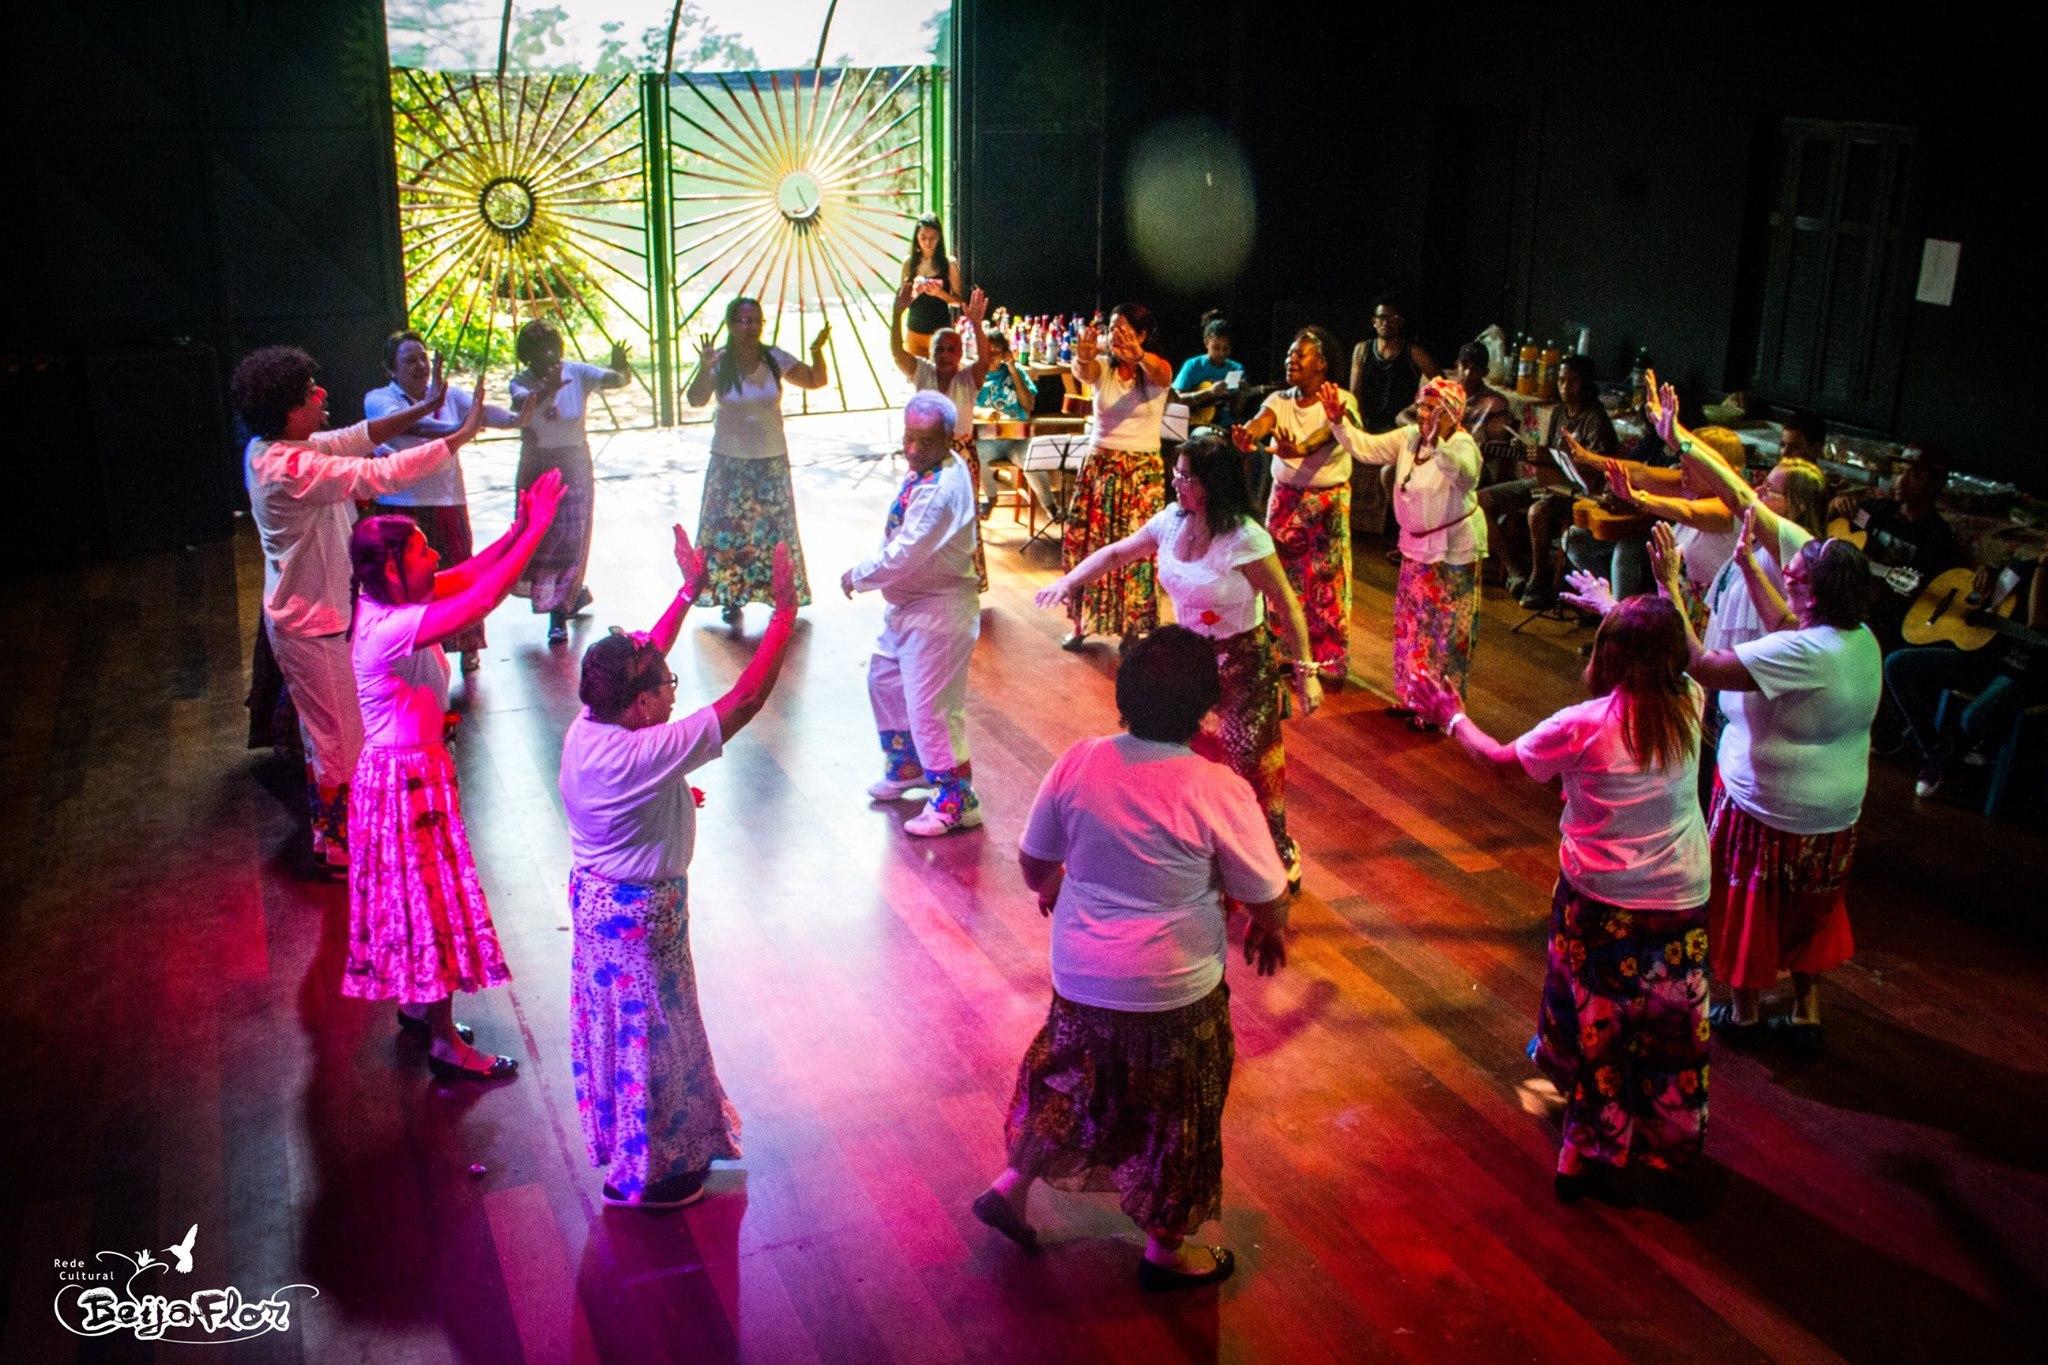 Dansen presentert av pensjonister